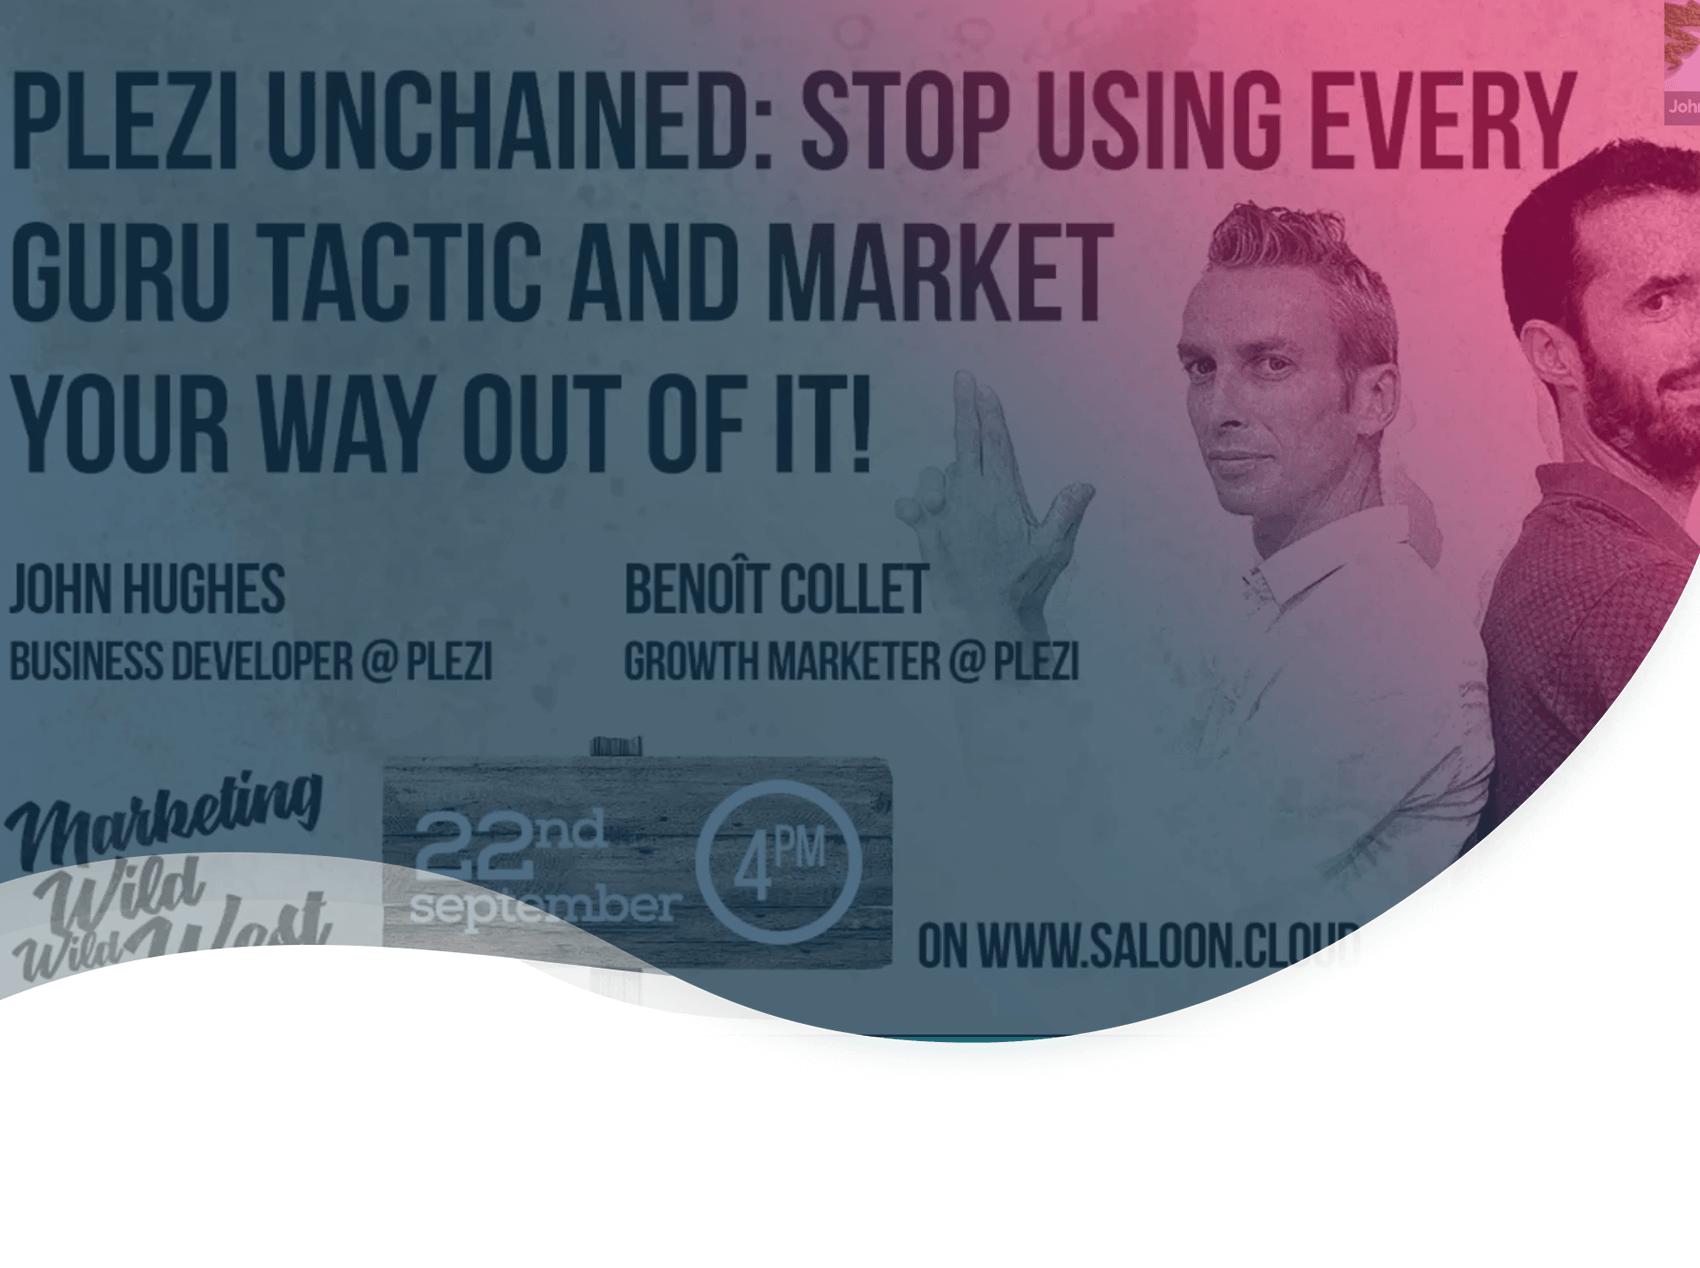 Il est temps d'arrêter d'écouter les gourous du marketing: les 5 conseils de John et Benoît pour un marketing zéro bullshit